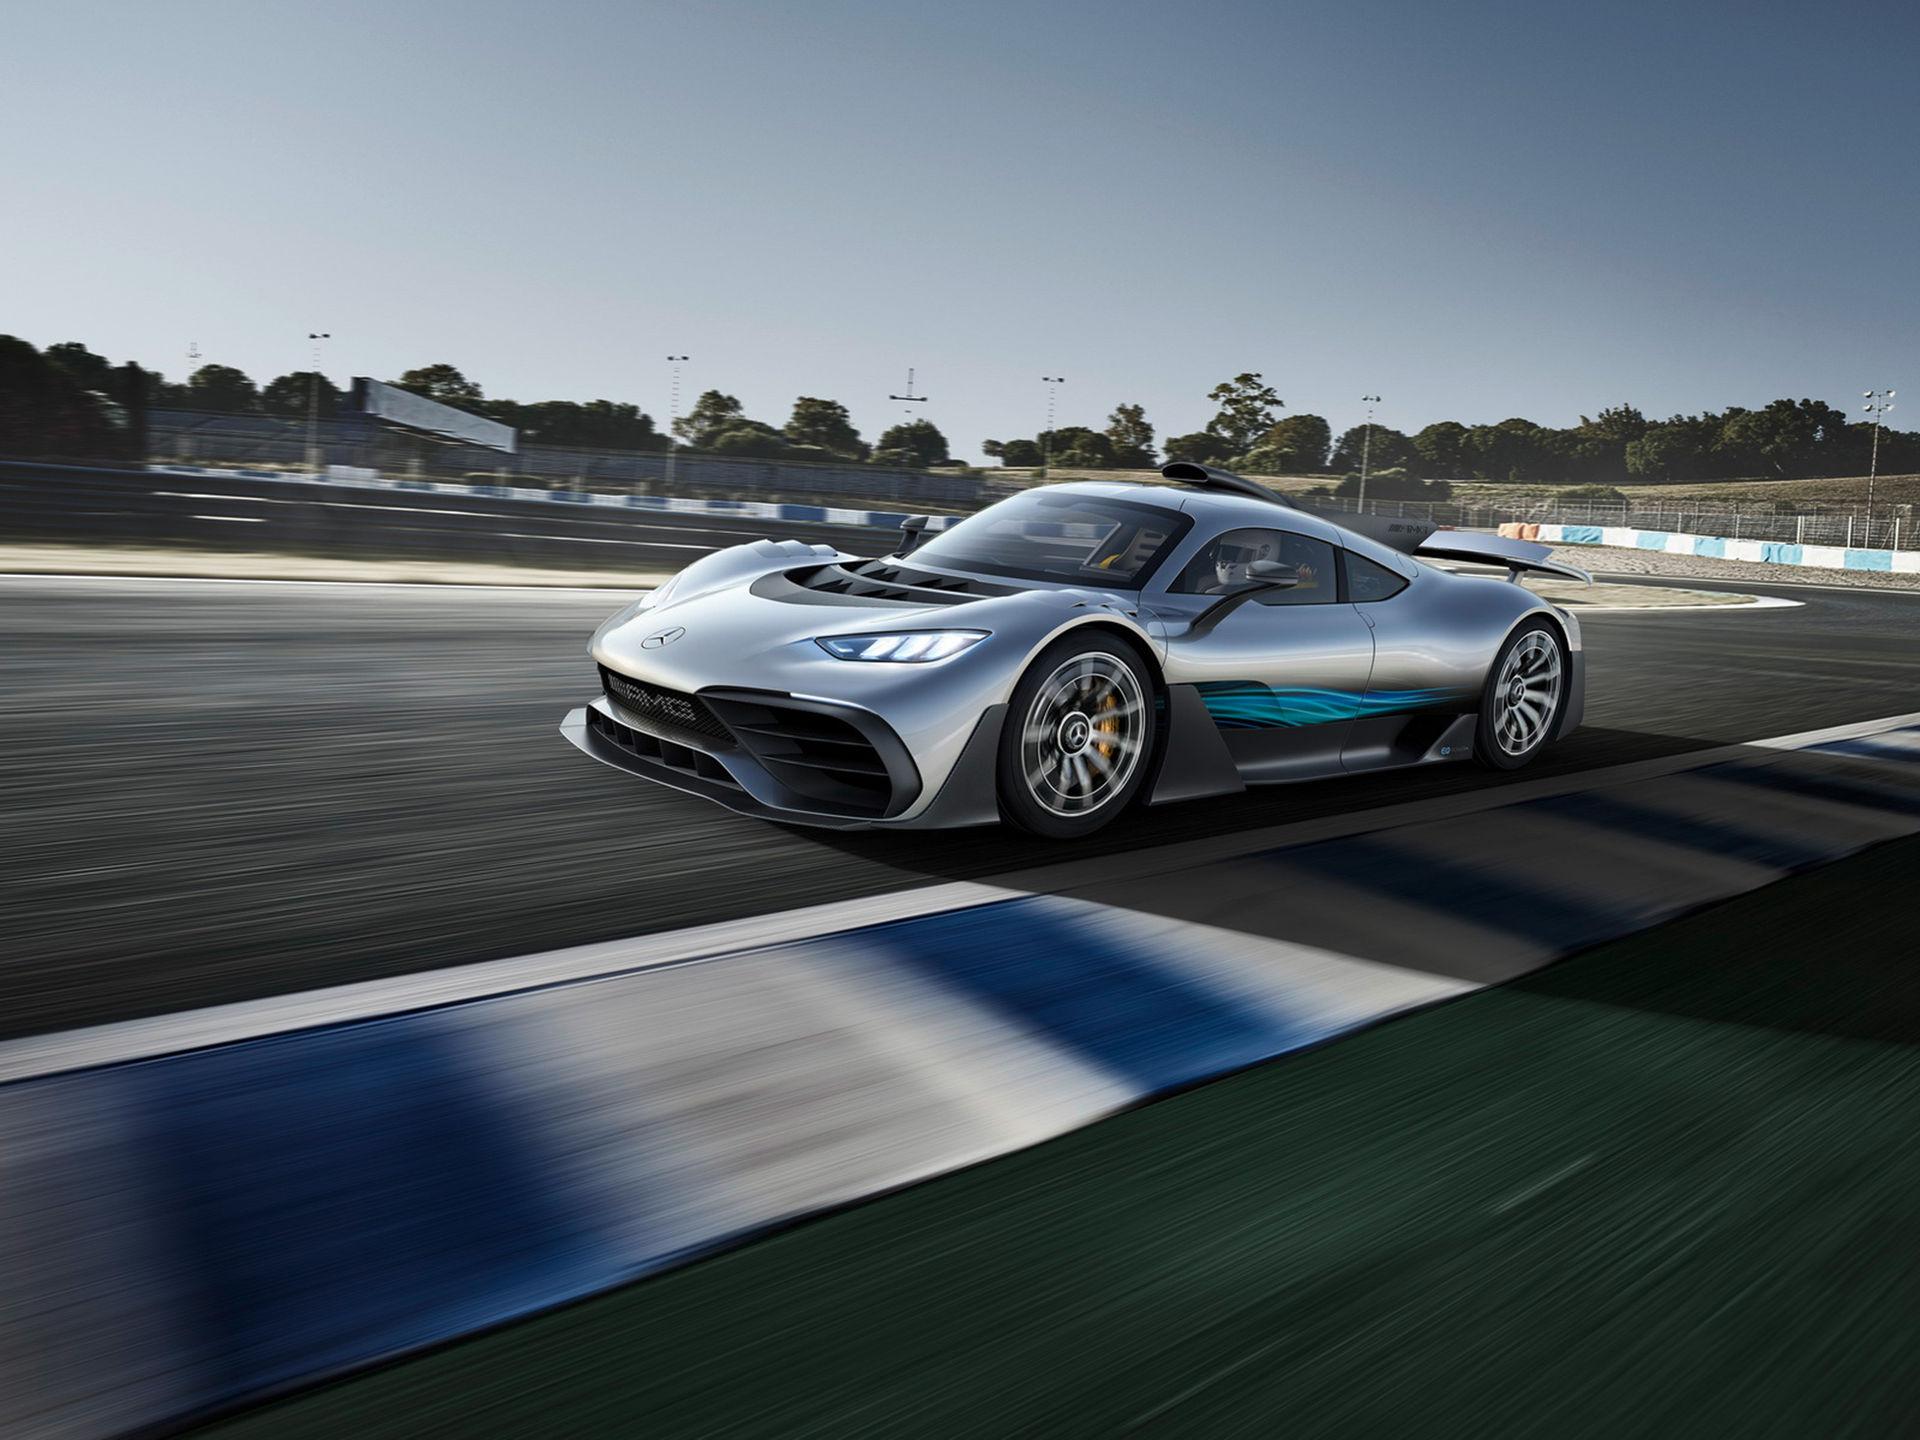 Nu är den här - Mercedes hyperbilskoncept